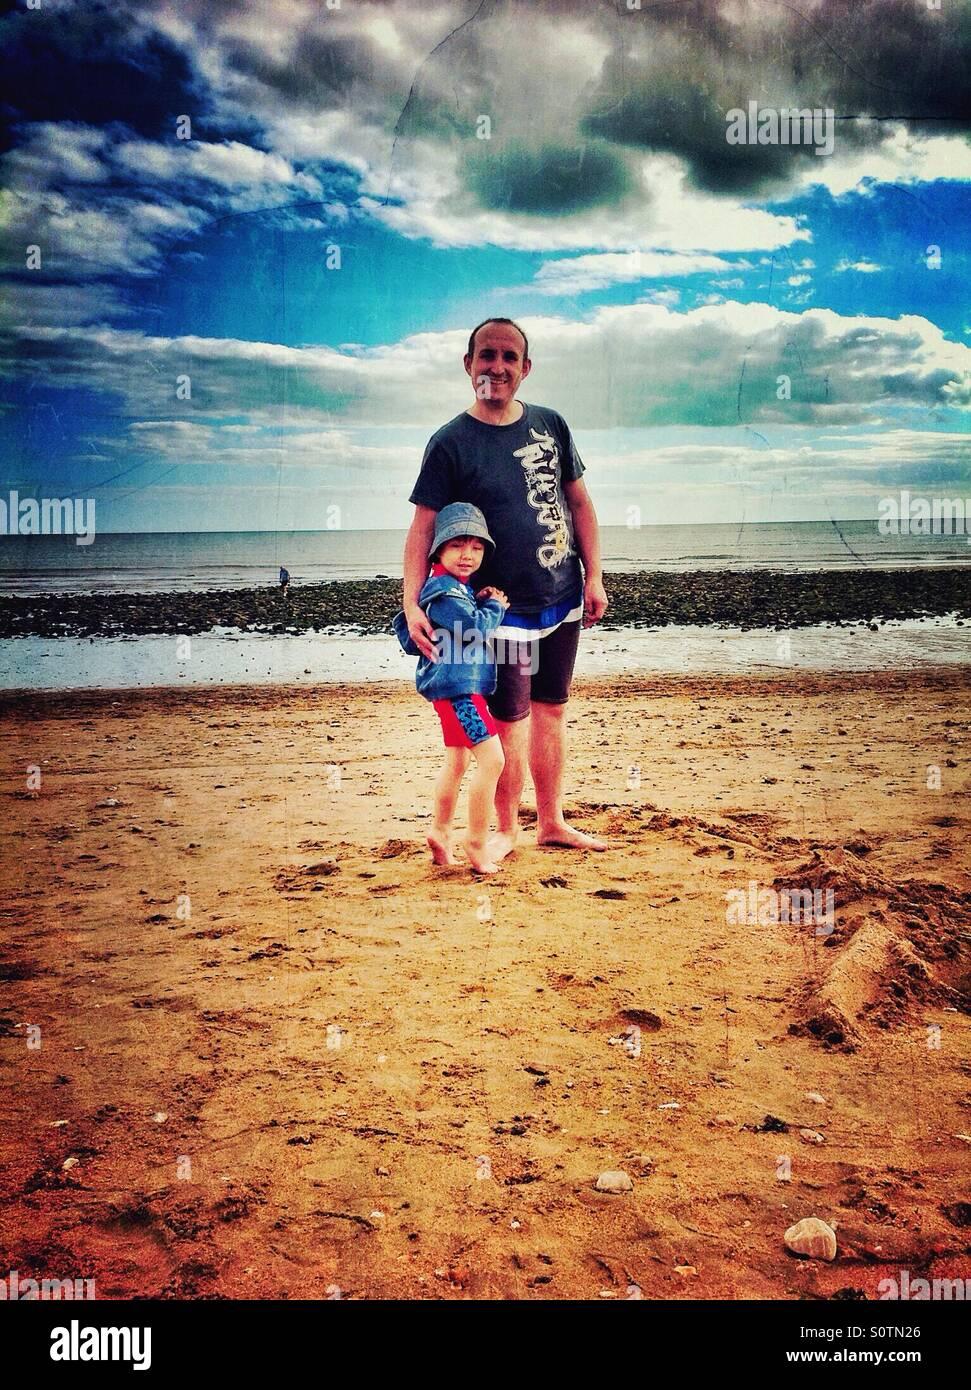 Un père et son fils sur une plage. Photo Stock